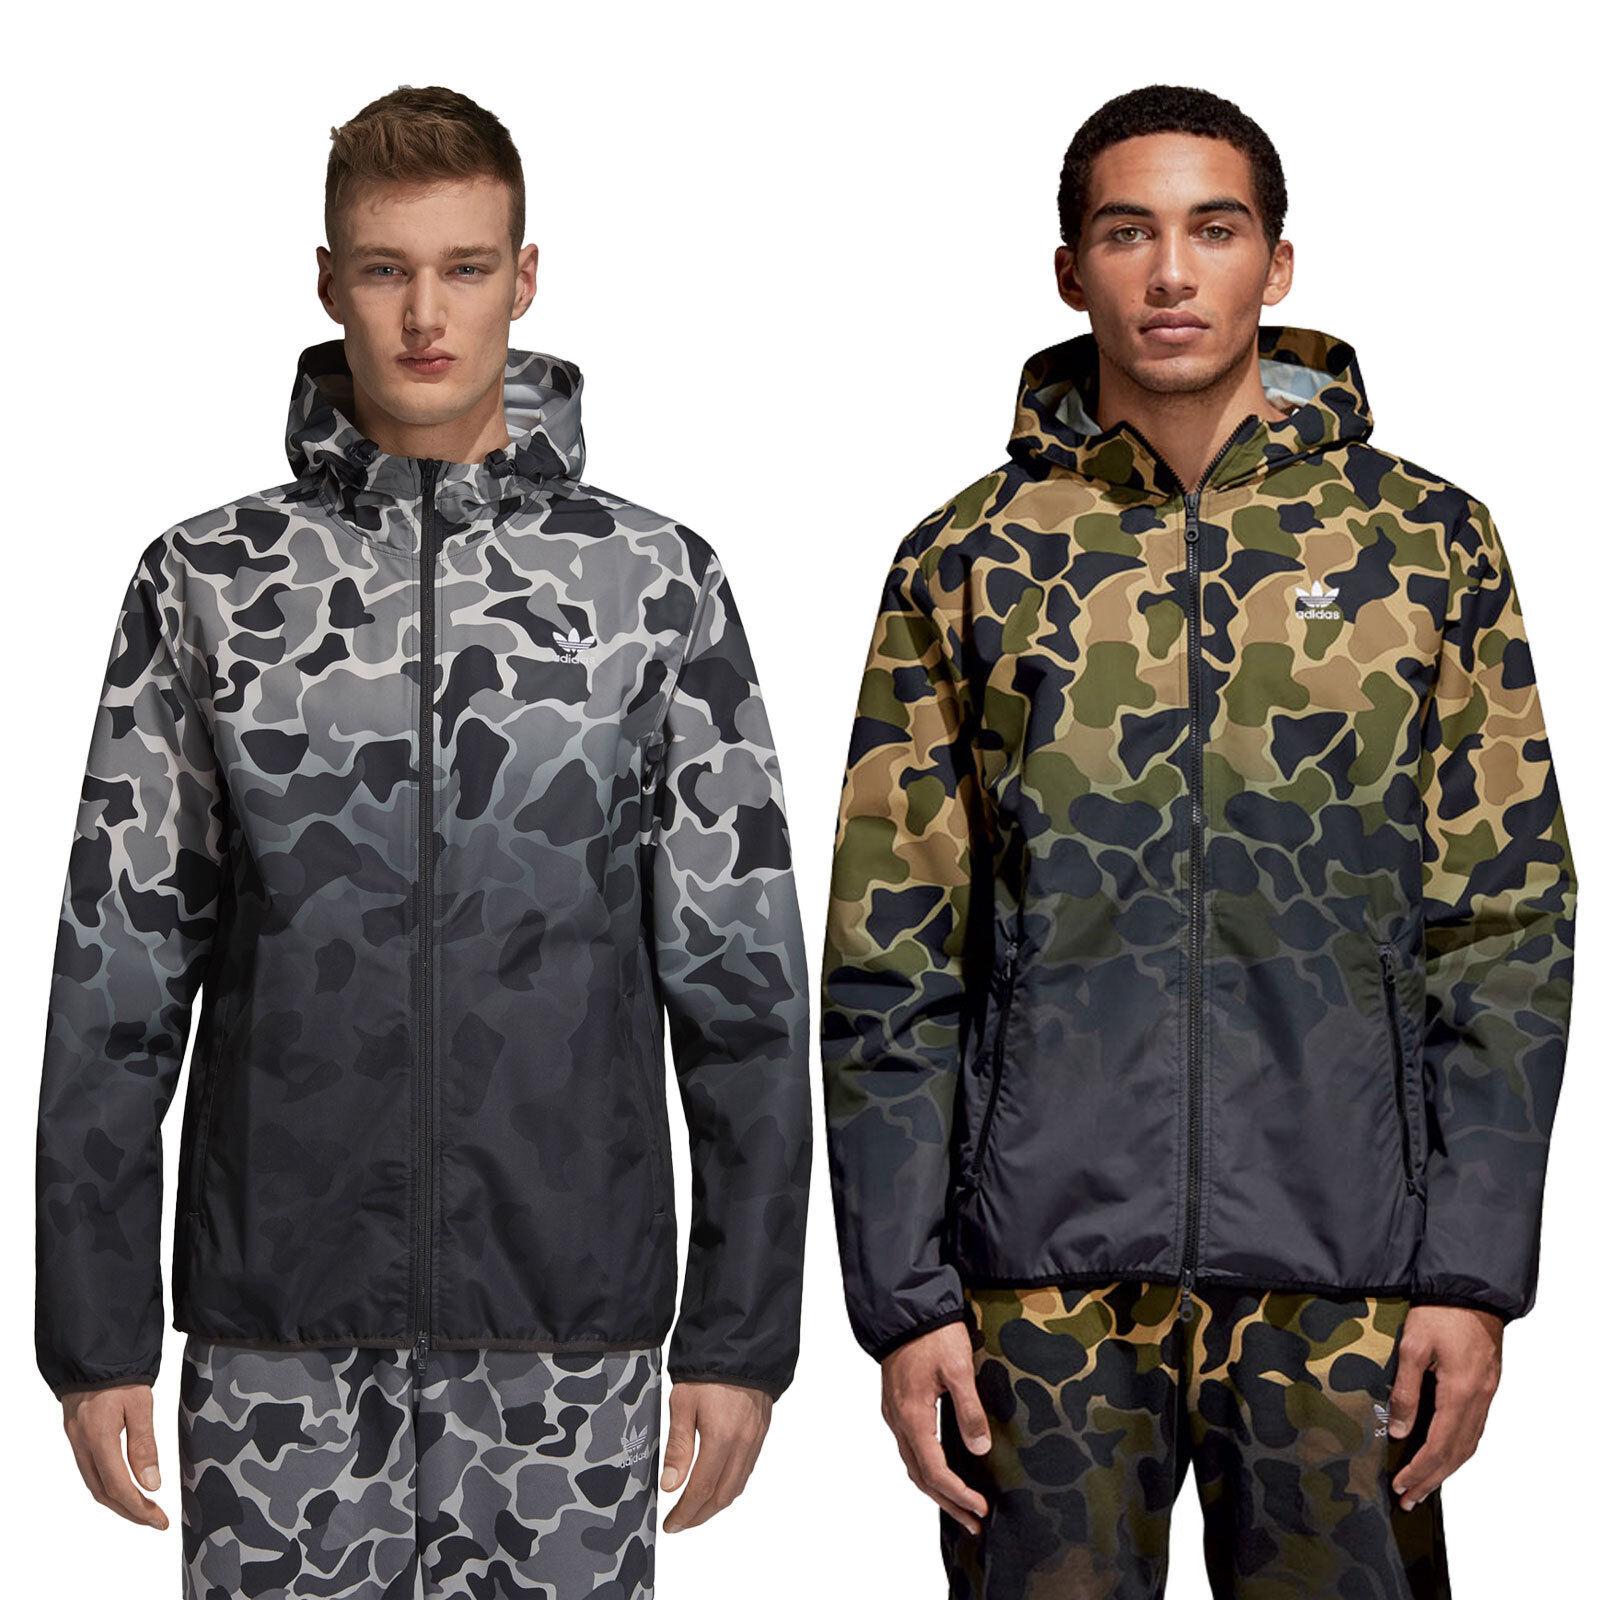 Adidas Jacke Herren Weiss Vergleich Test +++ Adidas Jacke